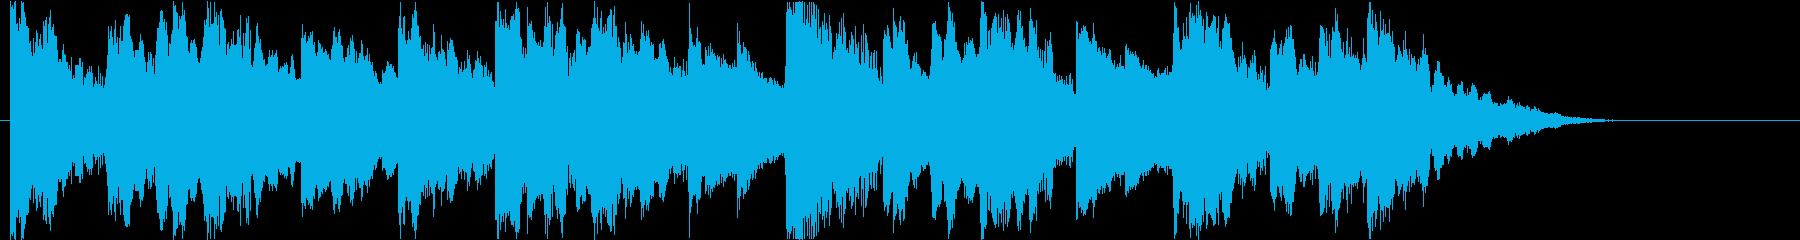 切ない雰囲気の曲/その2の再生済みの波形